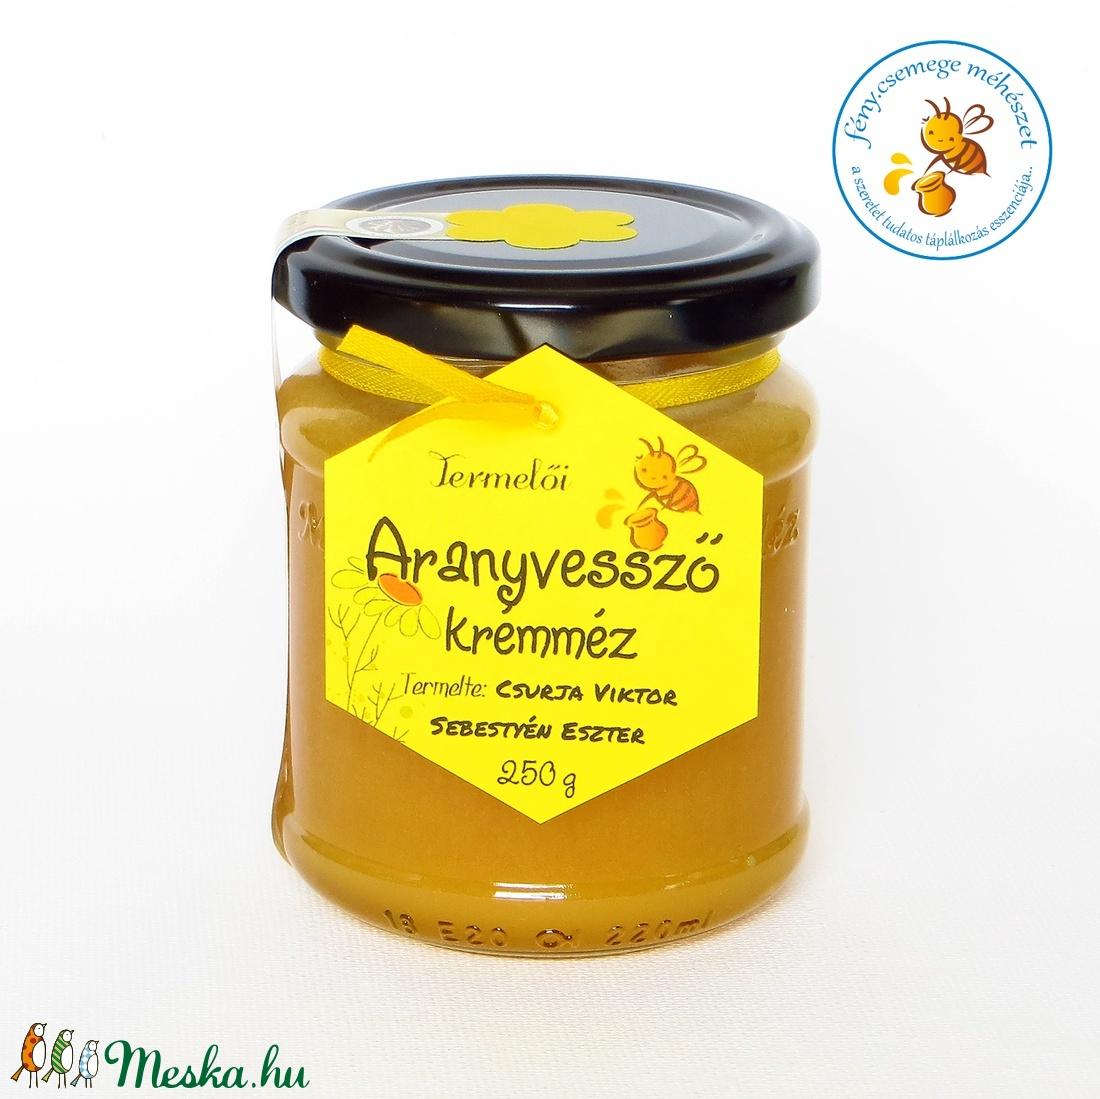 aranyvessző krémméz (fenycsemege) - Meska.hu